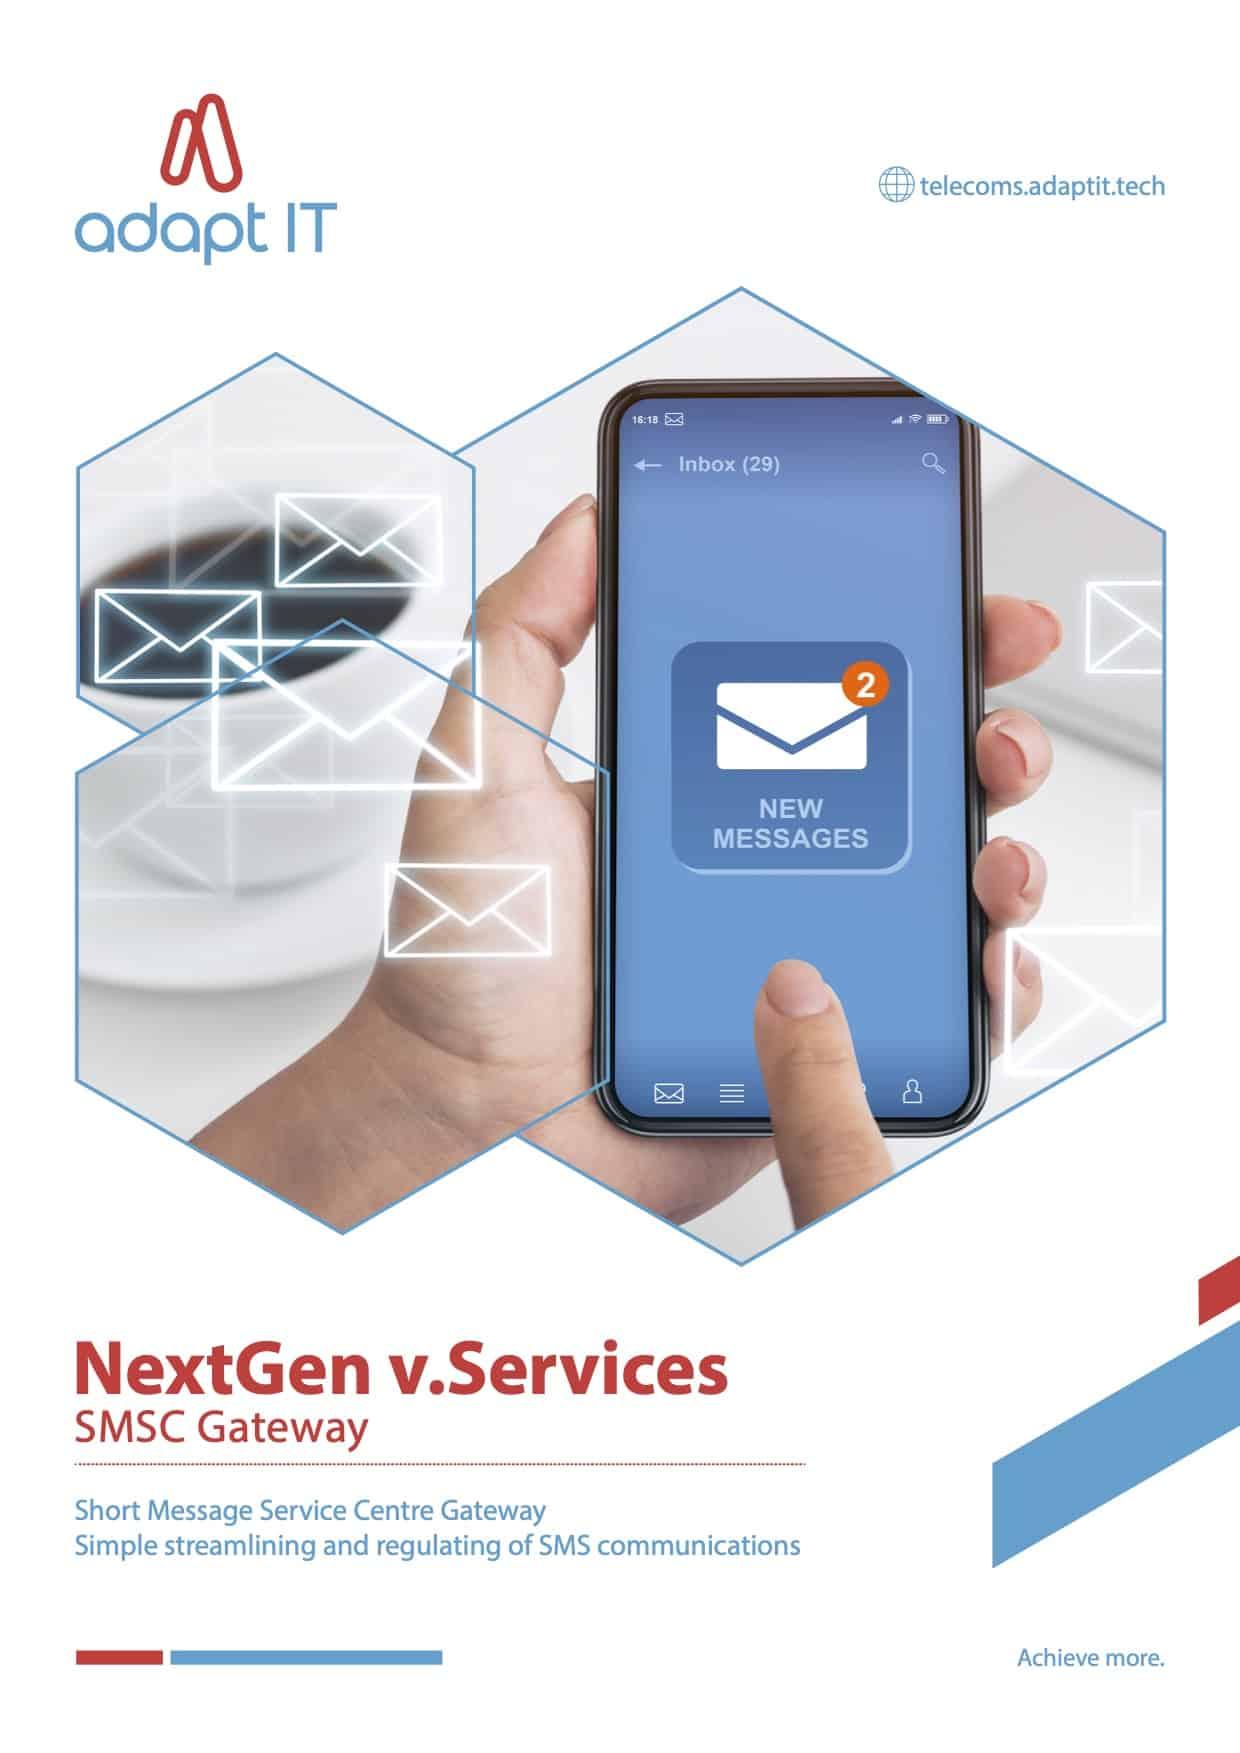 NextGen VAS Services SMSC Gateway